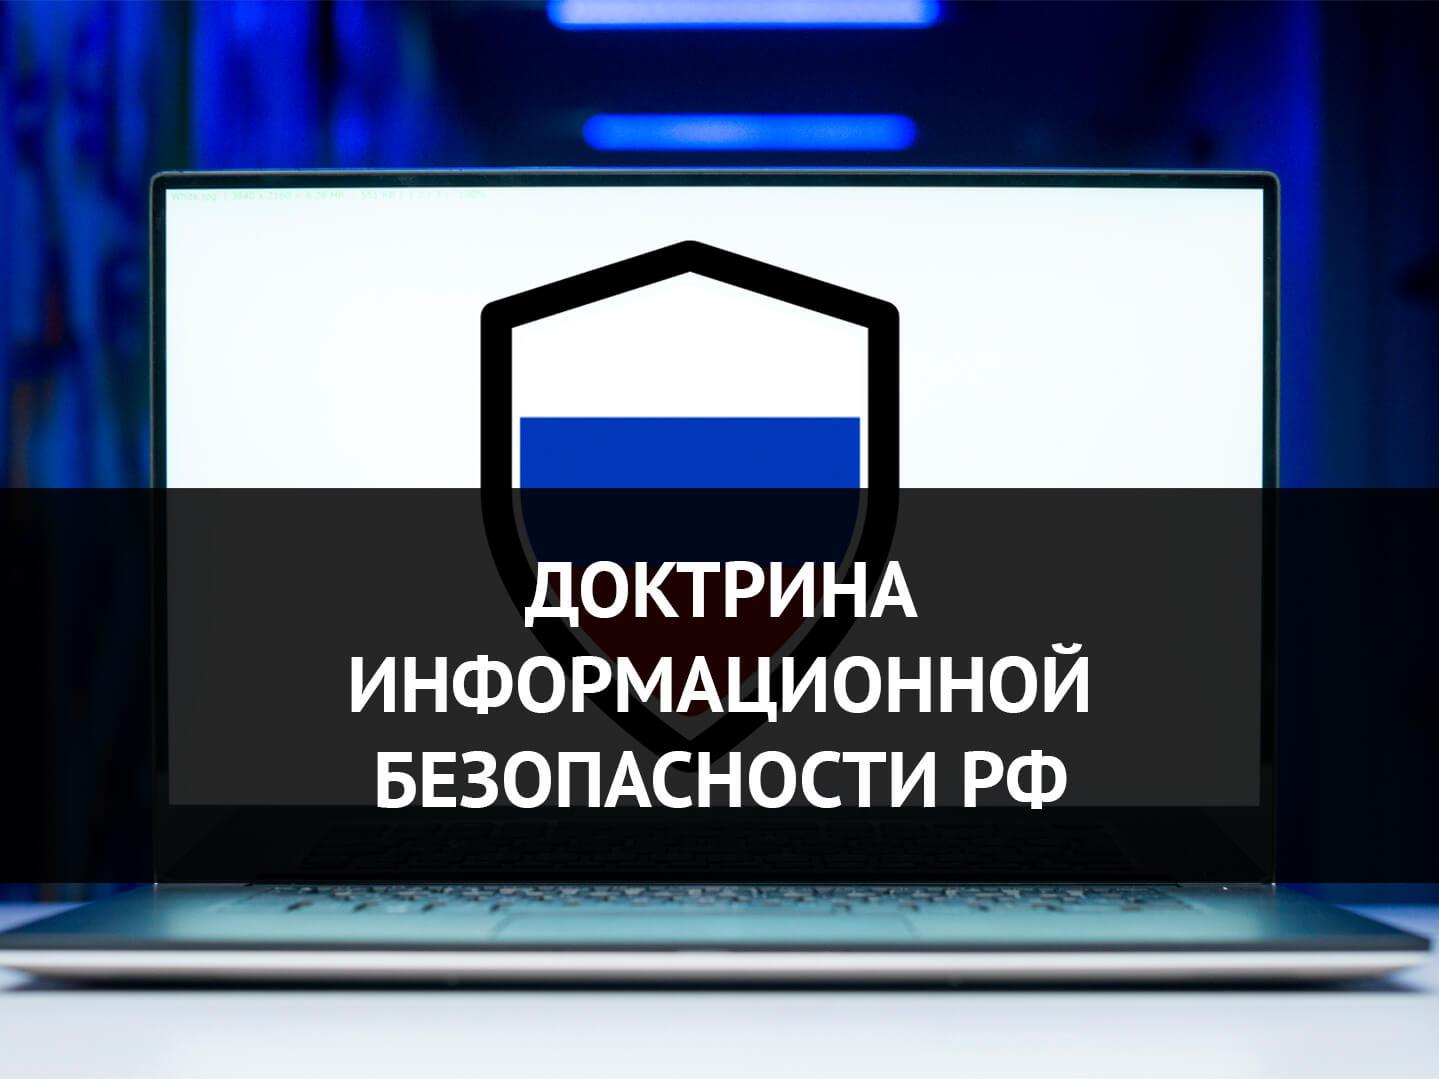 Доктрина ИБ РФ